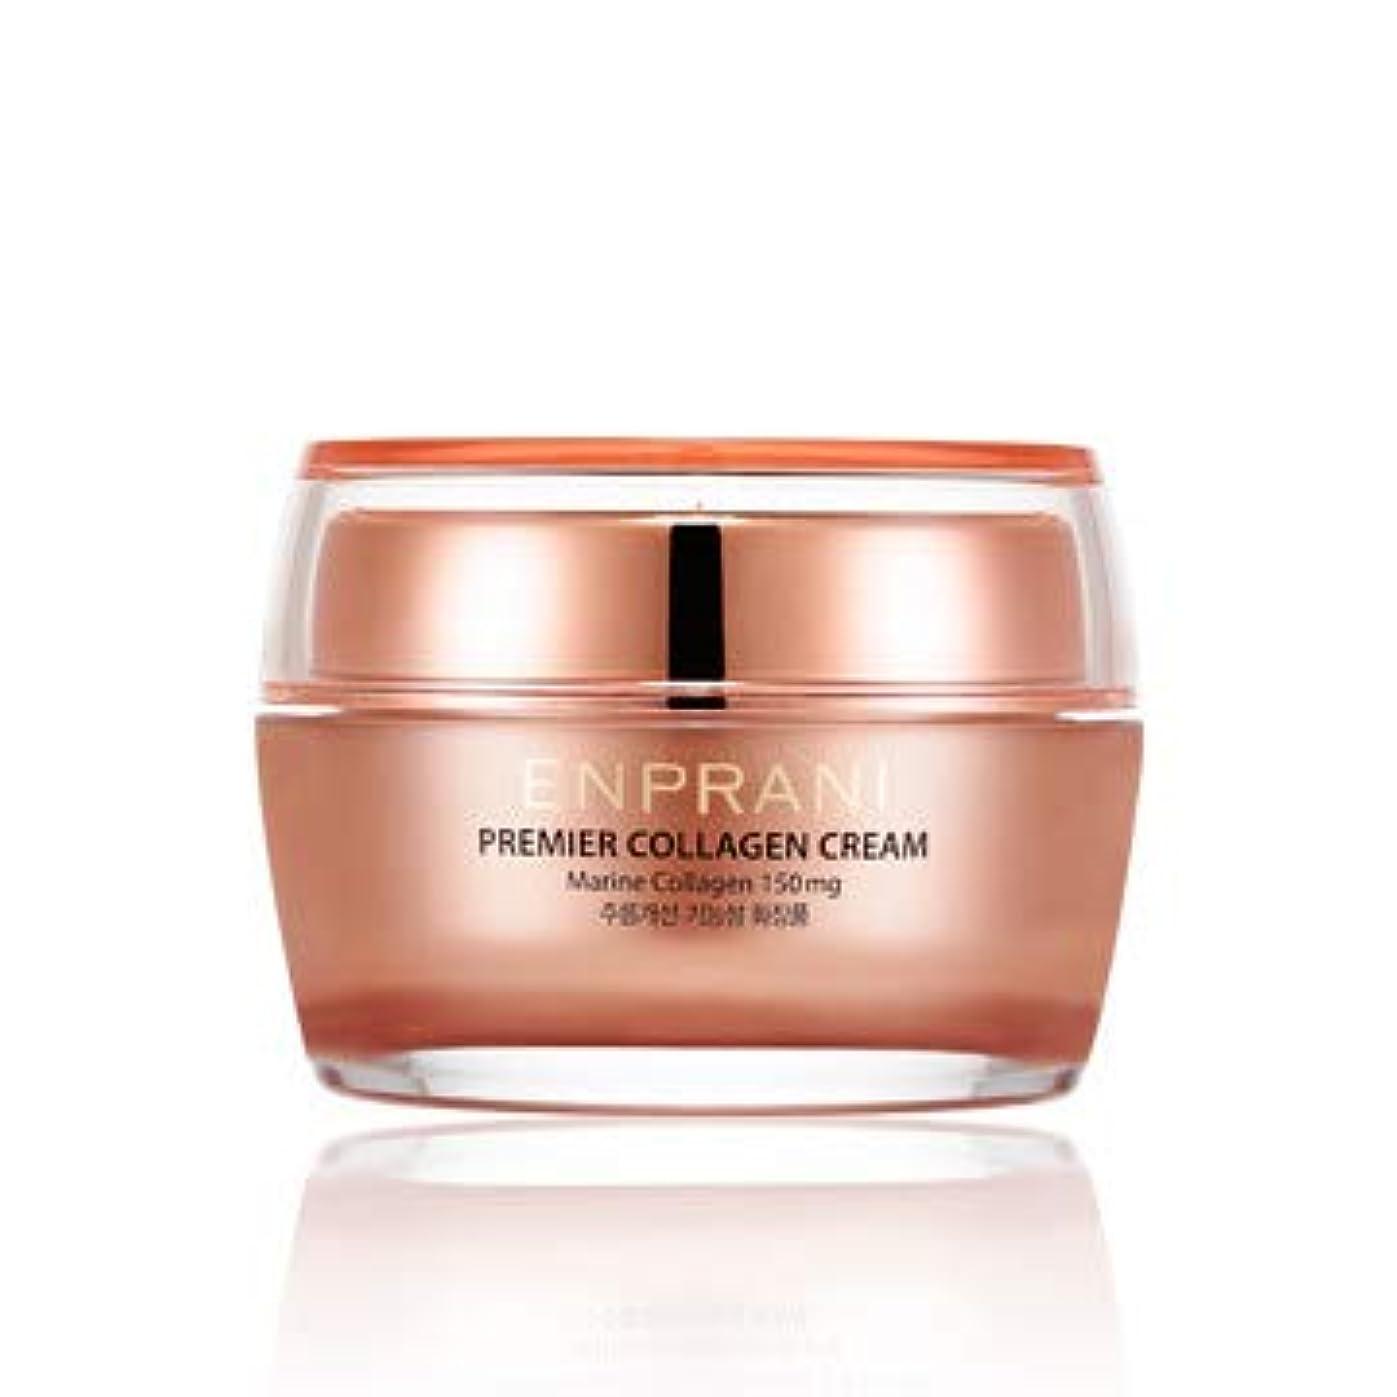 現在キャンセル実り多いエンプラニ プレミア コラーゲン クリーム 50ml / ENPRANI Premier Collagen Cream 50ml [並行輸入品]